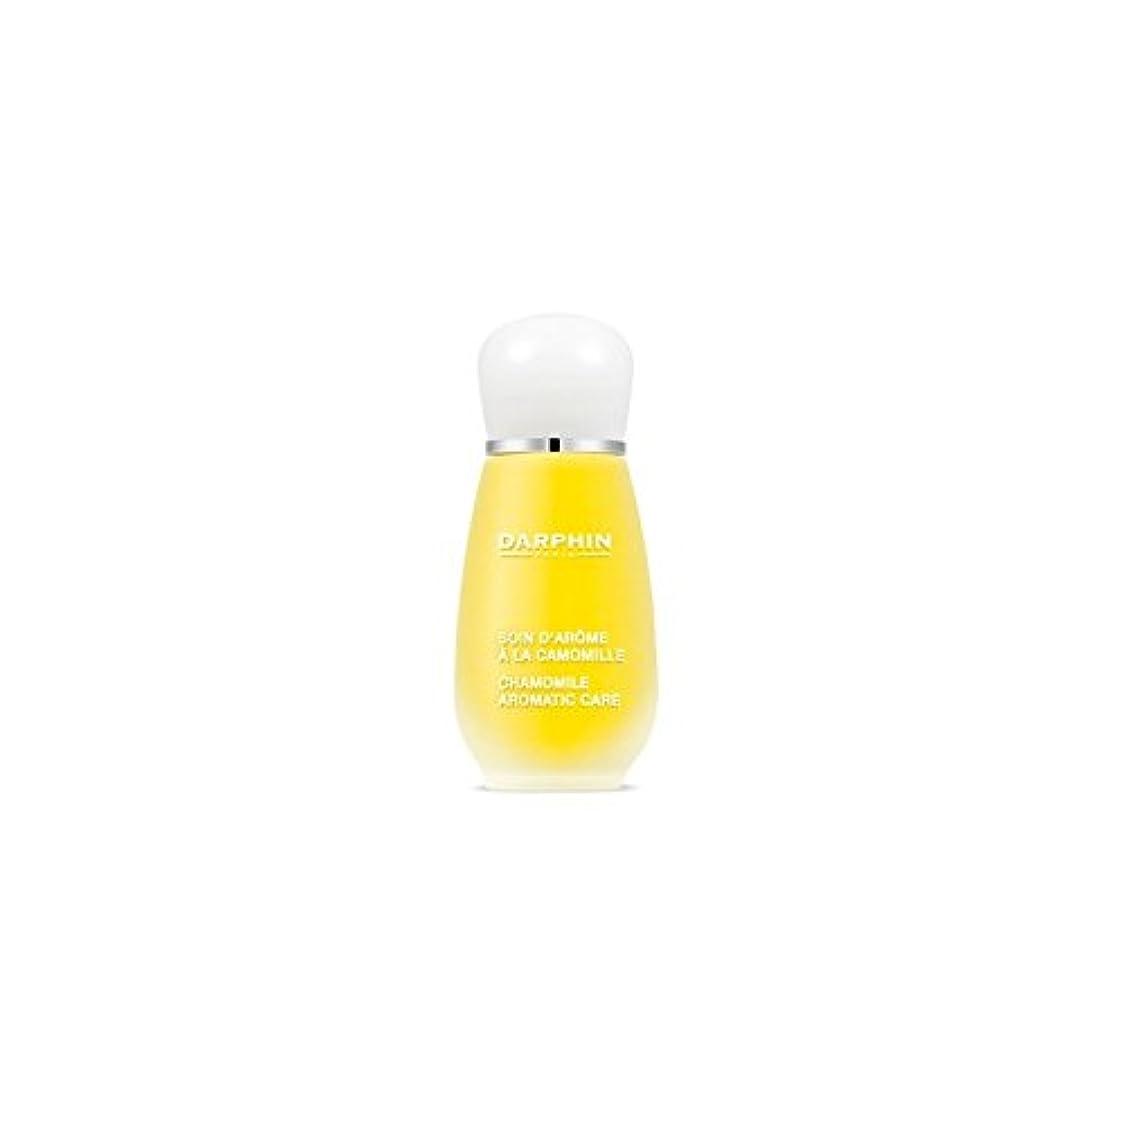 サイドボード豊富な花に水をやるダルファンカモミール芳香ケア(15ミリリットル) x4 - Darphin Chamomile Aromatic Care (15ml) (Pack of 4) [並行輸入品]